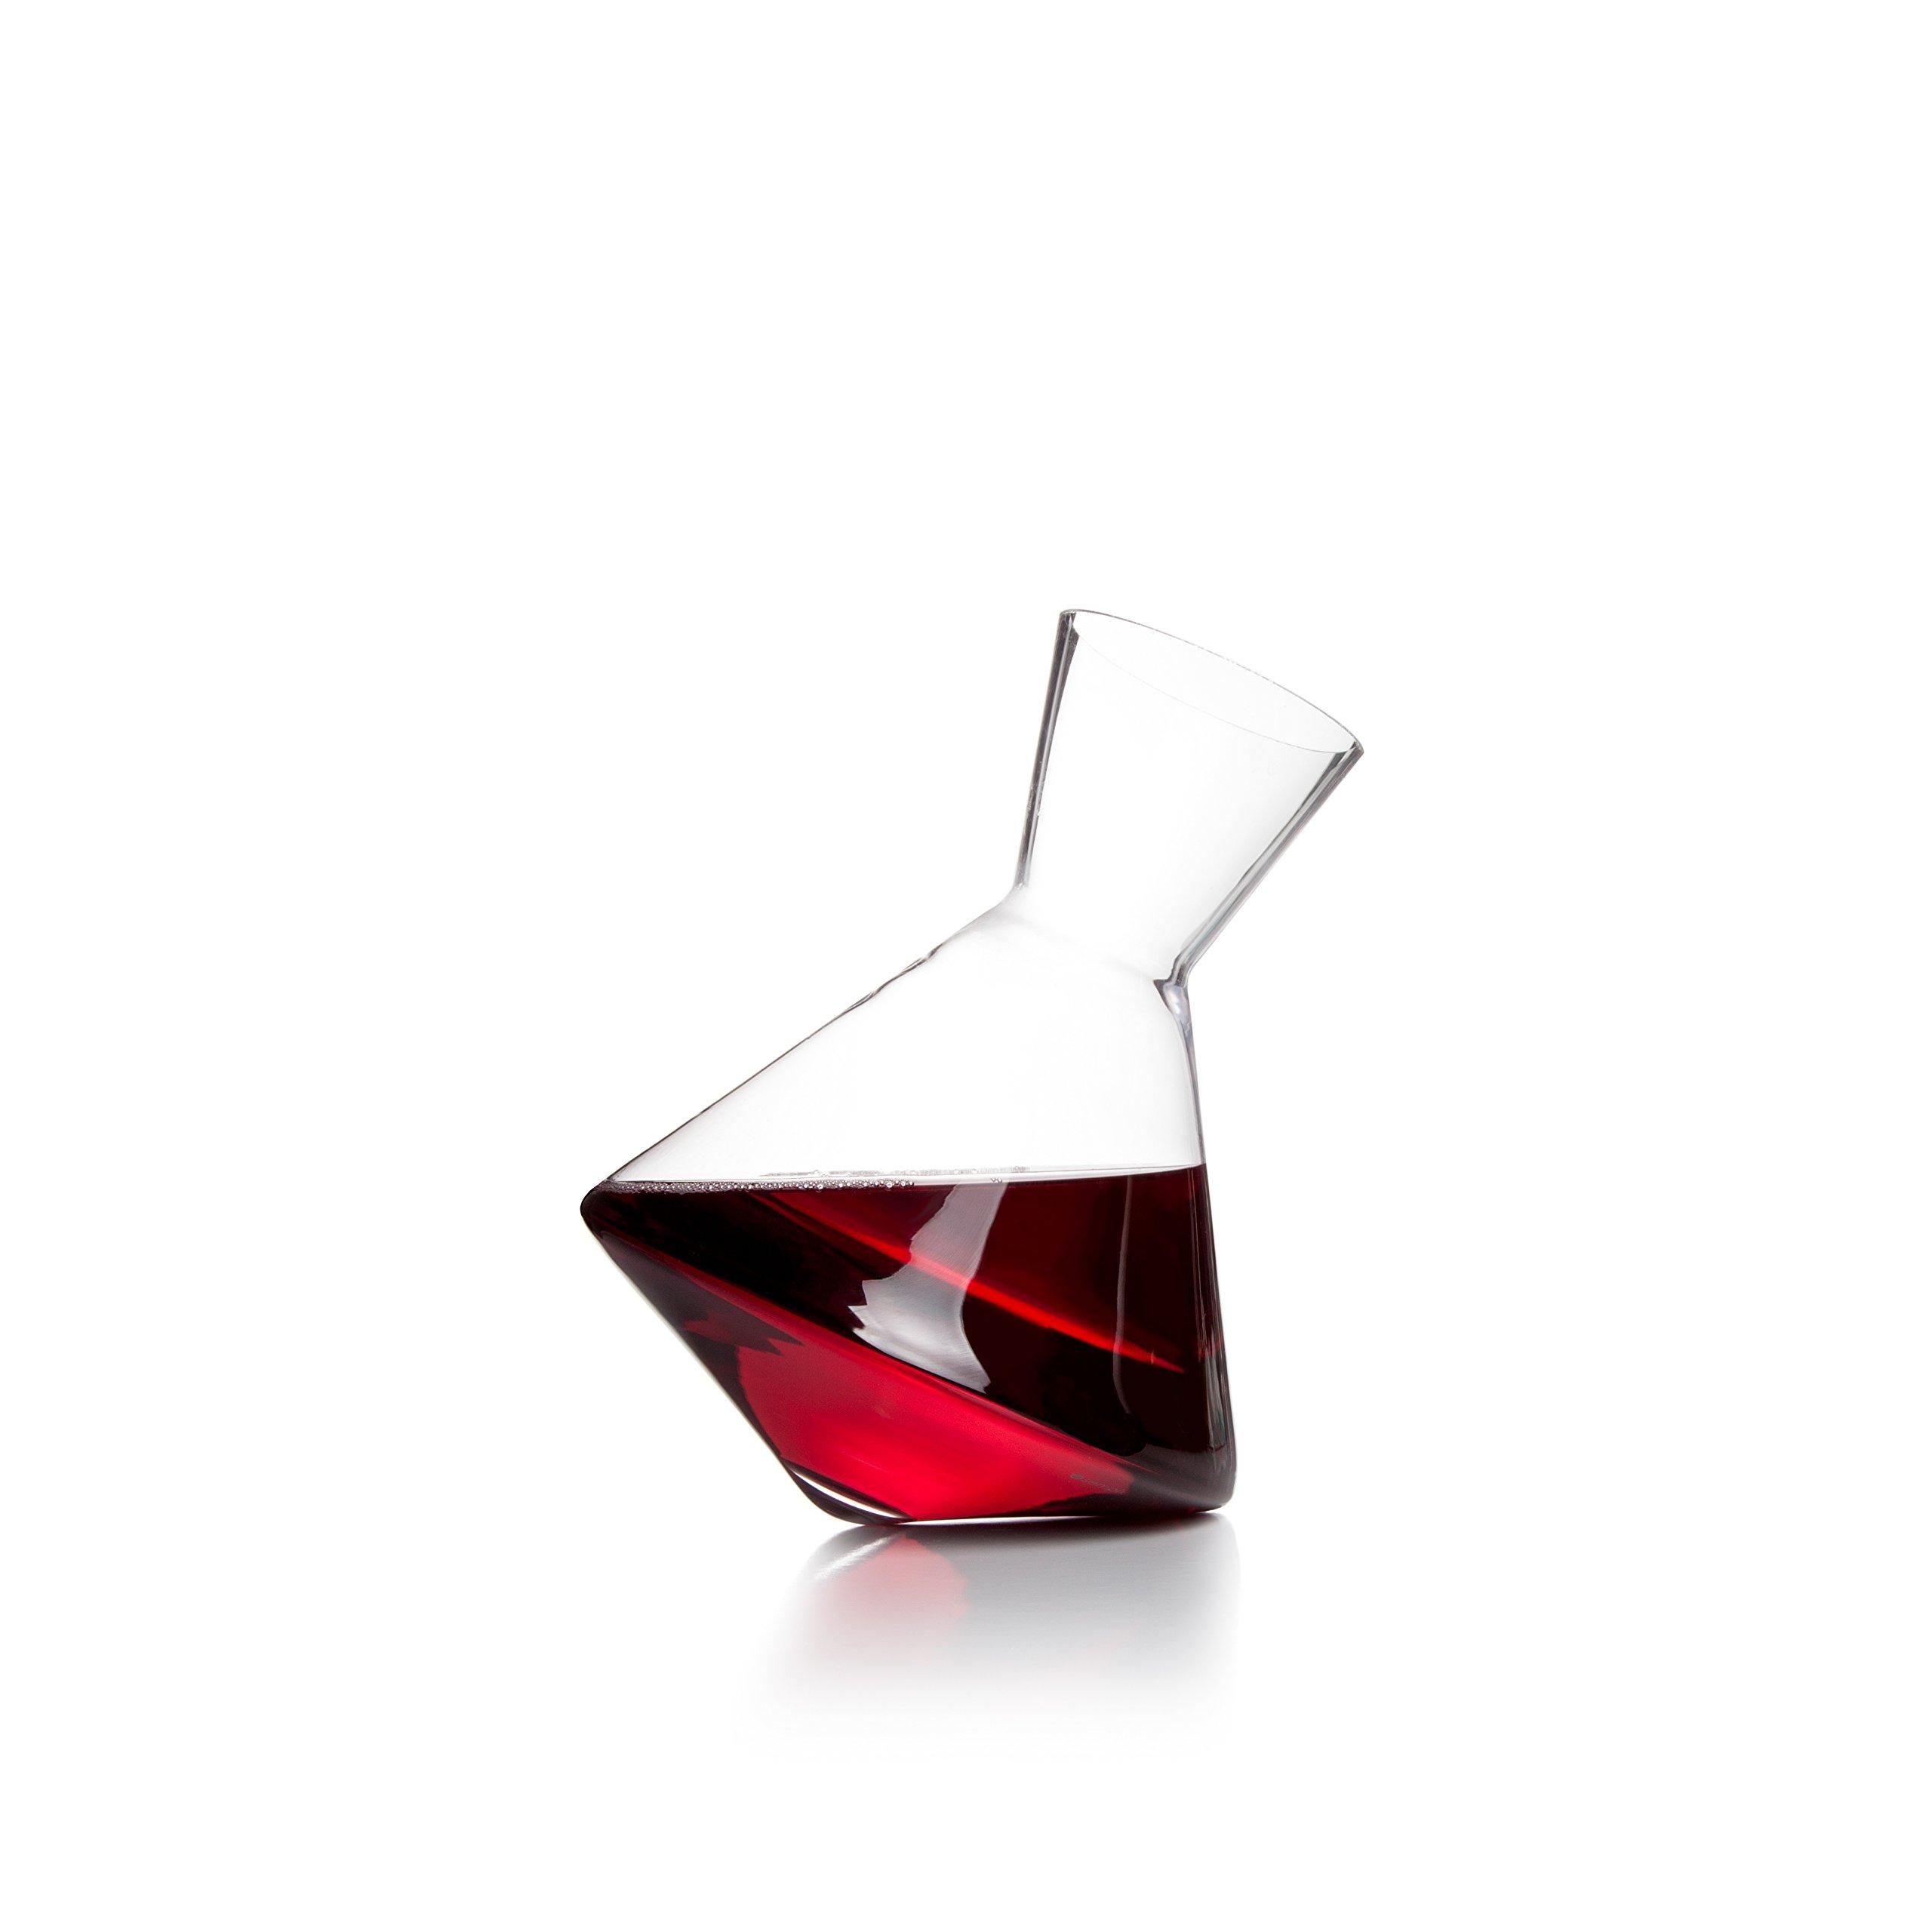 Sempli Vaso-Vino Clear Aerating Wine Decanter in Gift Box